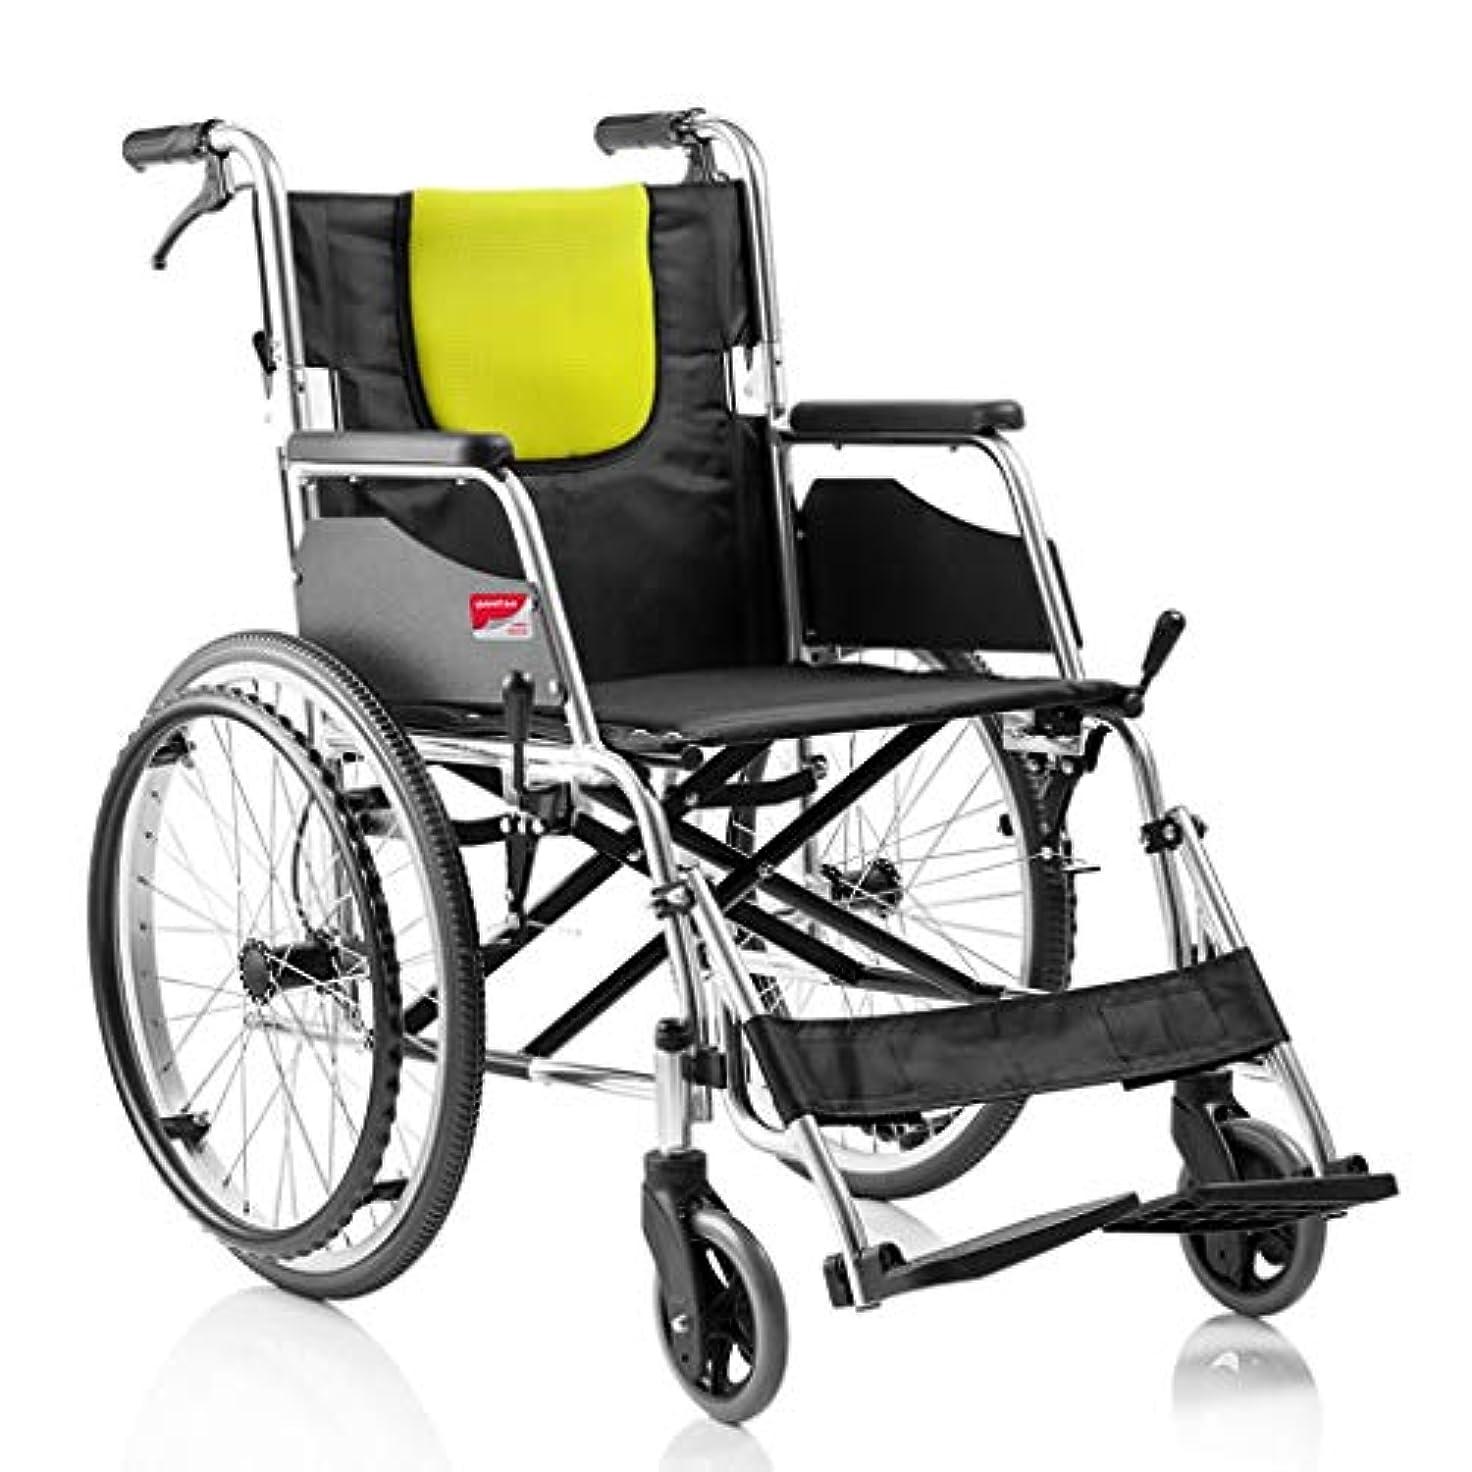 階下わずらわしい層車椅子折りたたみ式、手動車椅子無料インフレータブルダブルブレーキデザイン、老人の手押し車椅子